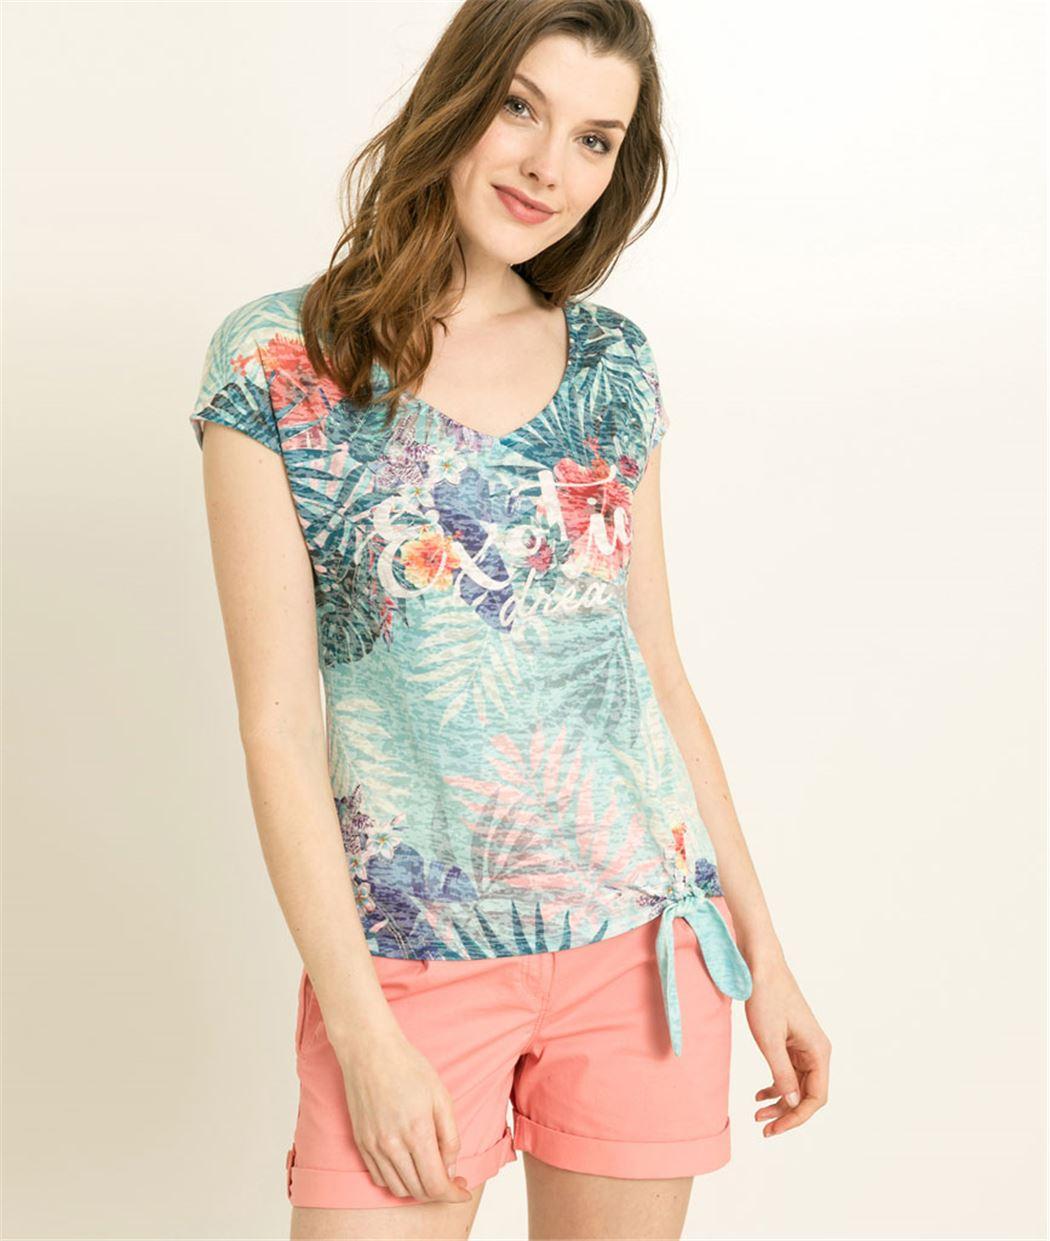 T-shirt femme imprimé exotique TURQUOISE